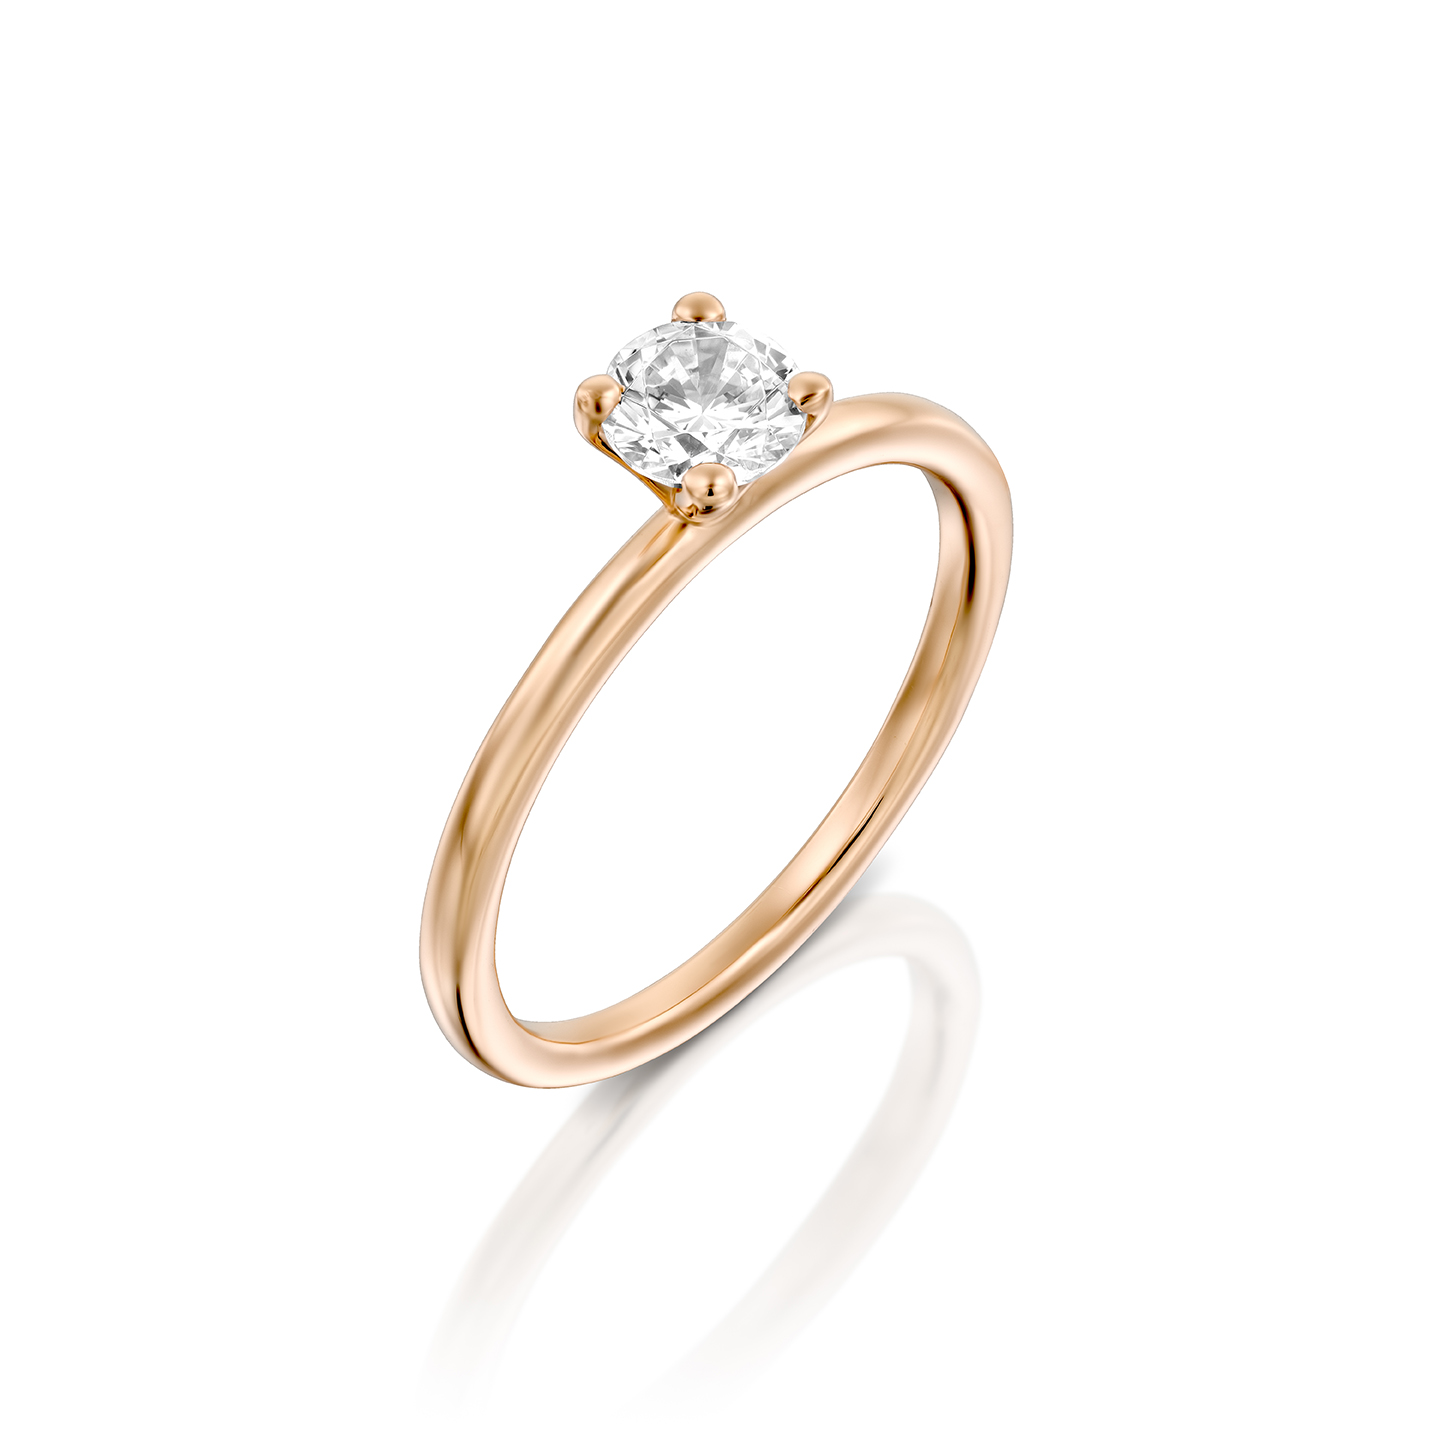 טבעת אירוסין זהב רוז 14 קראט משובצת יהלום מרכזי MARTINI ROSE